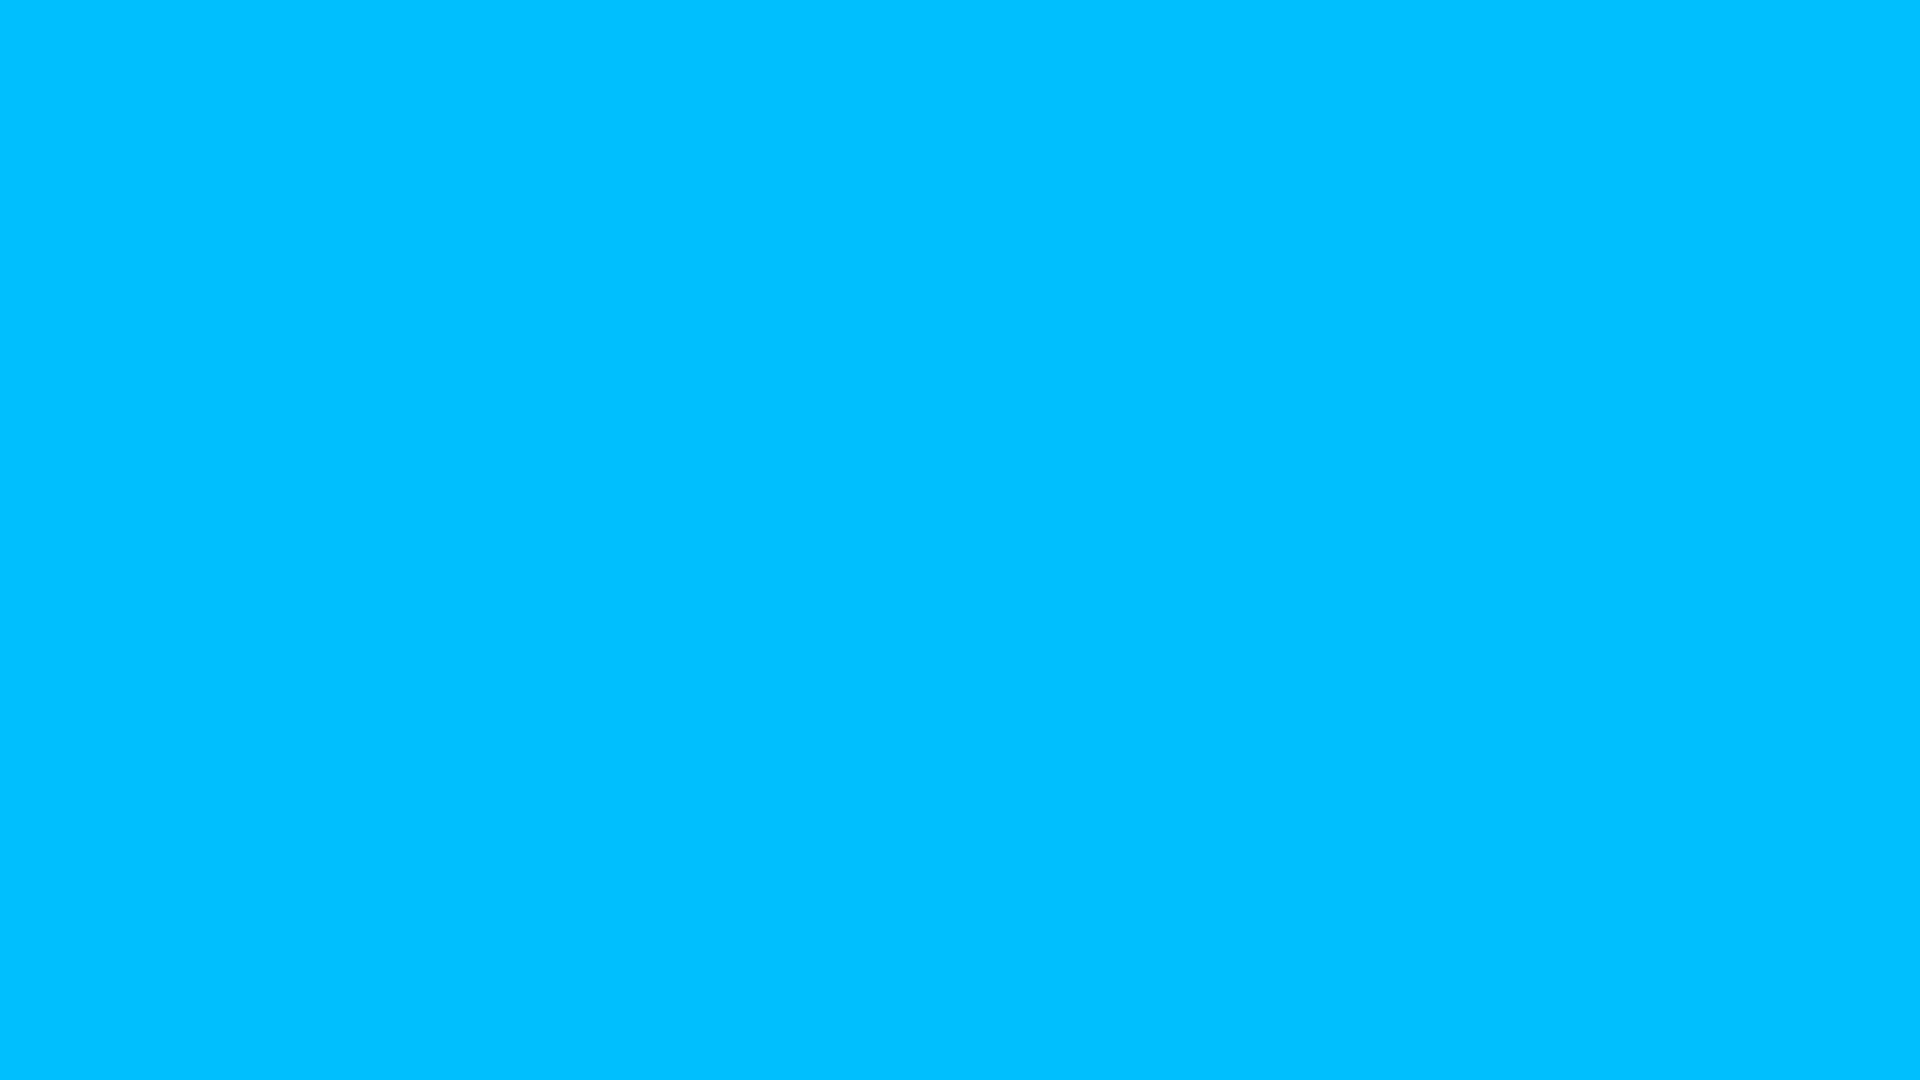 Deep Sky Blue   Wallpaper High Definition High Quality Widescreen 1920x1080